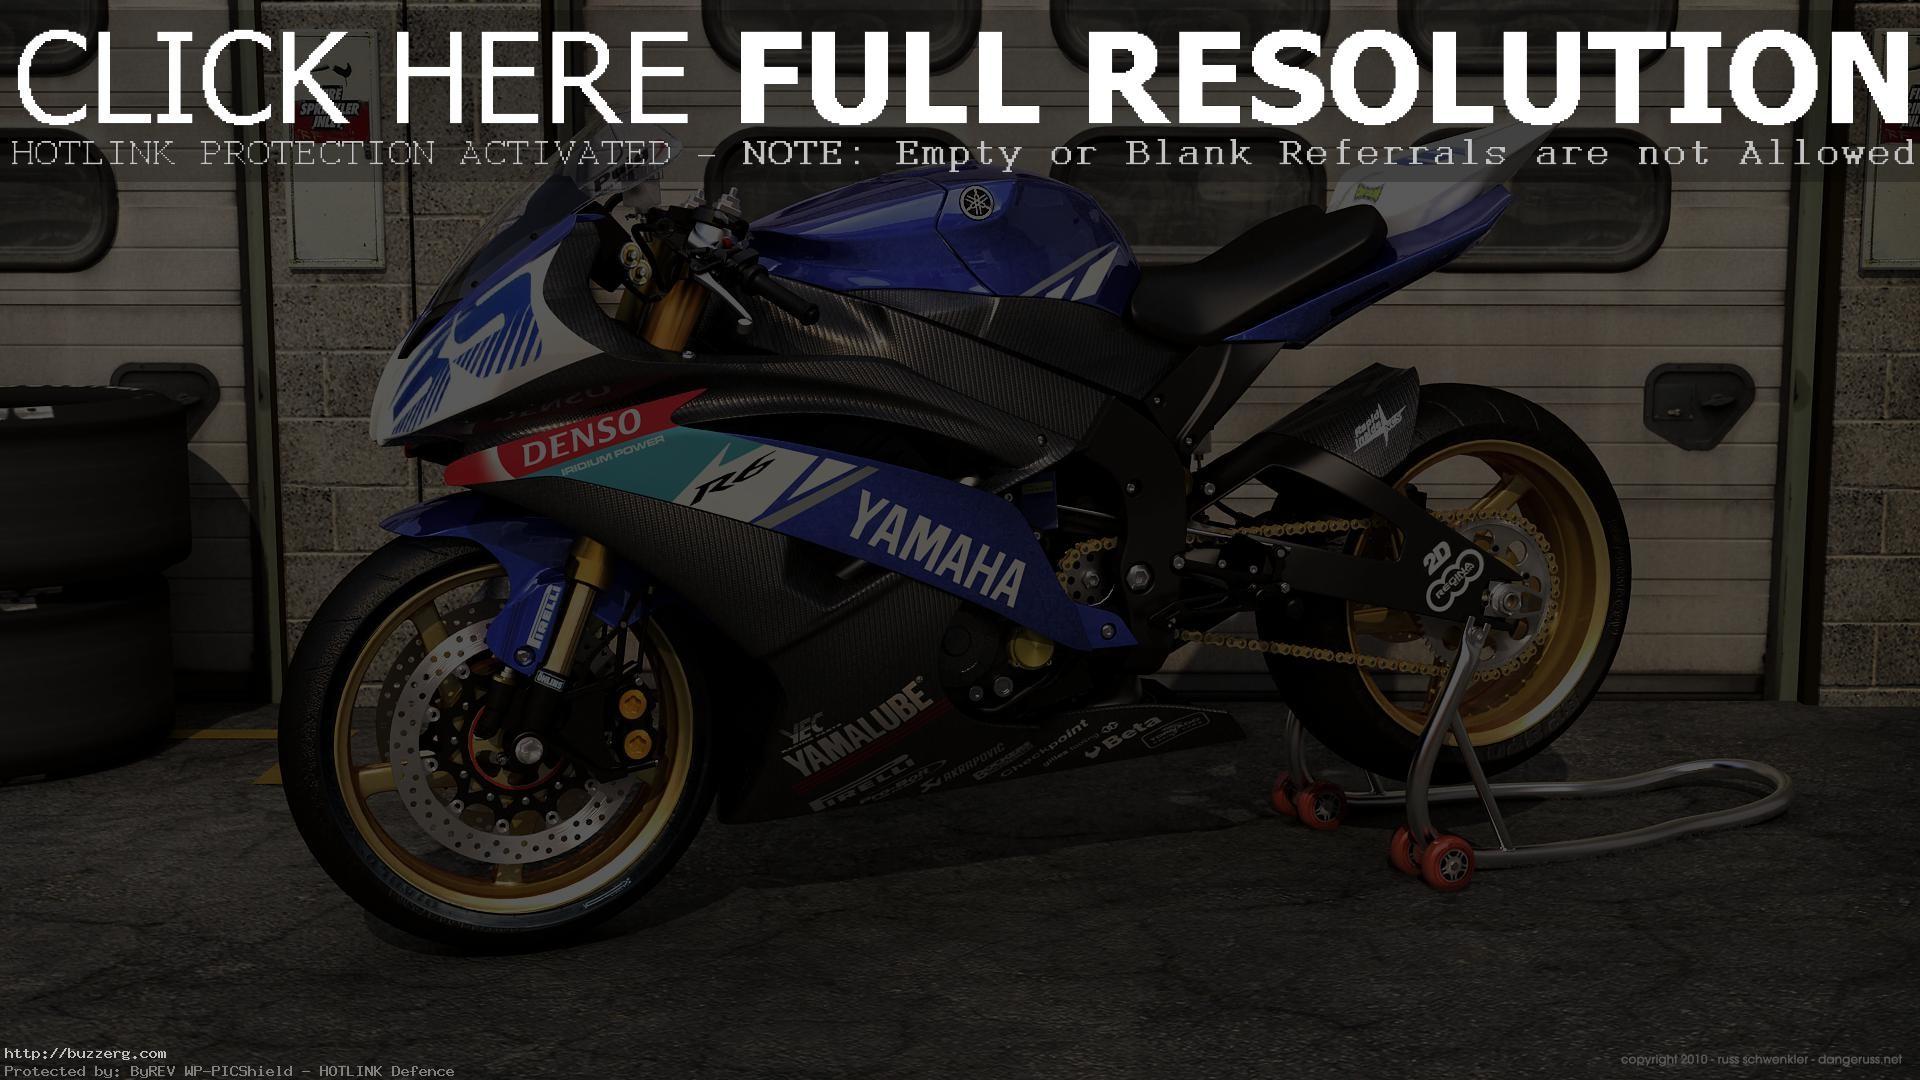 Yamaha R6 (id: 201099)